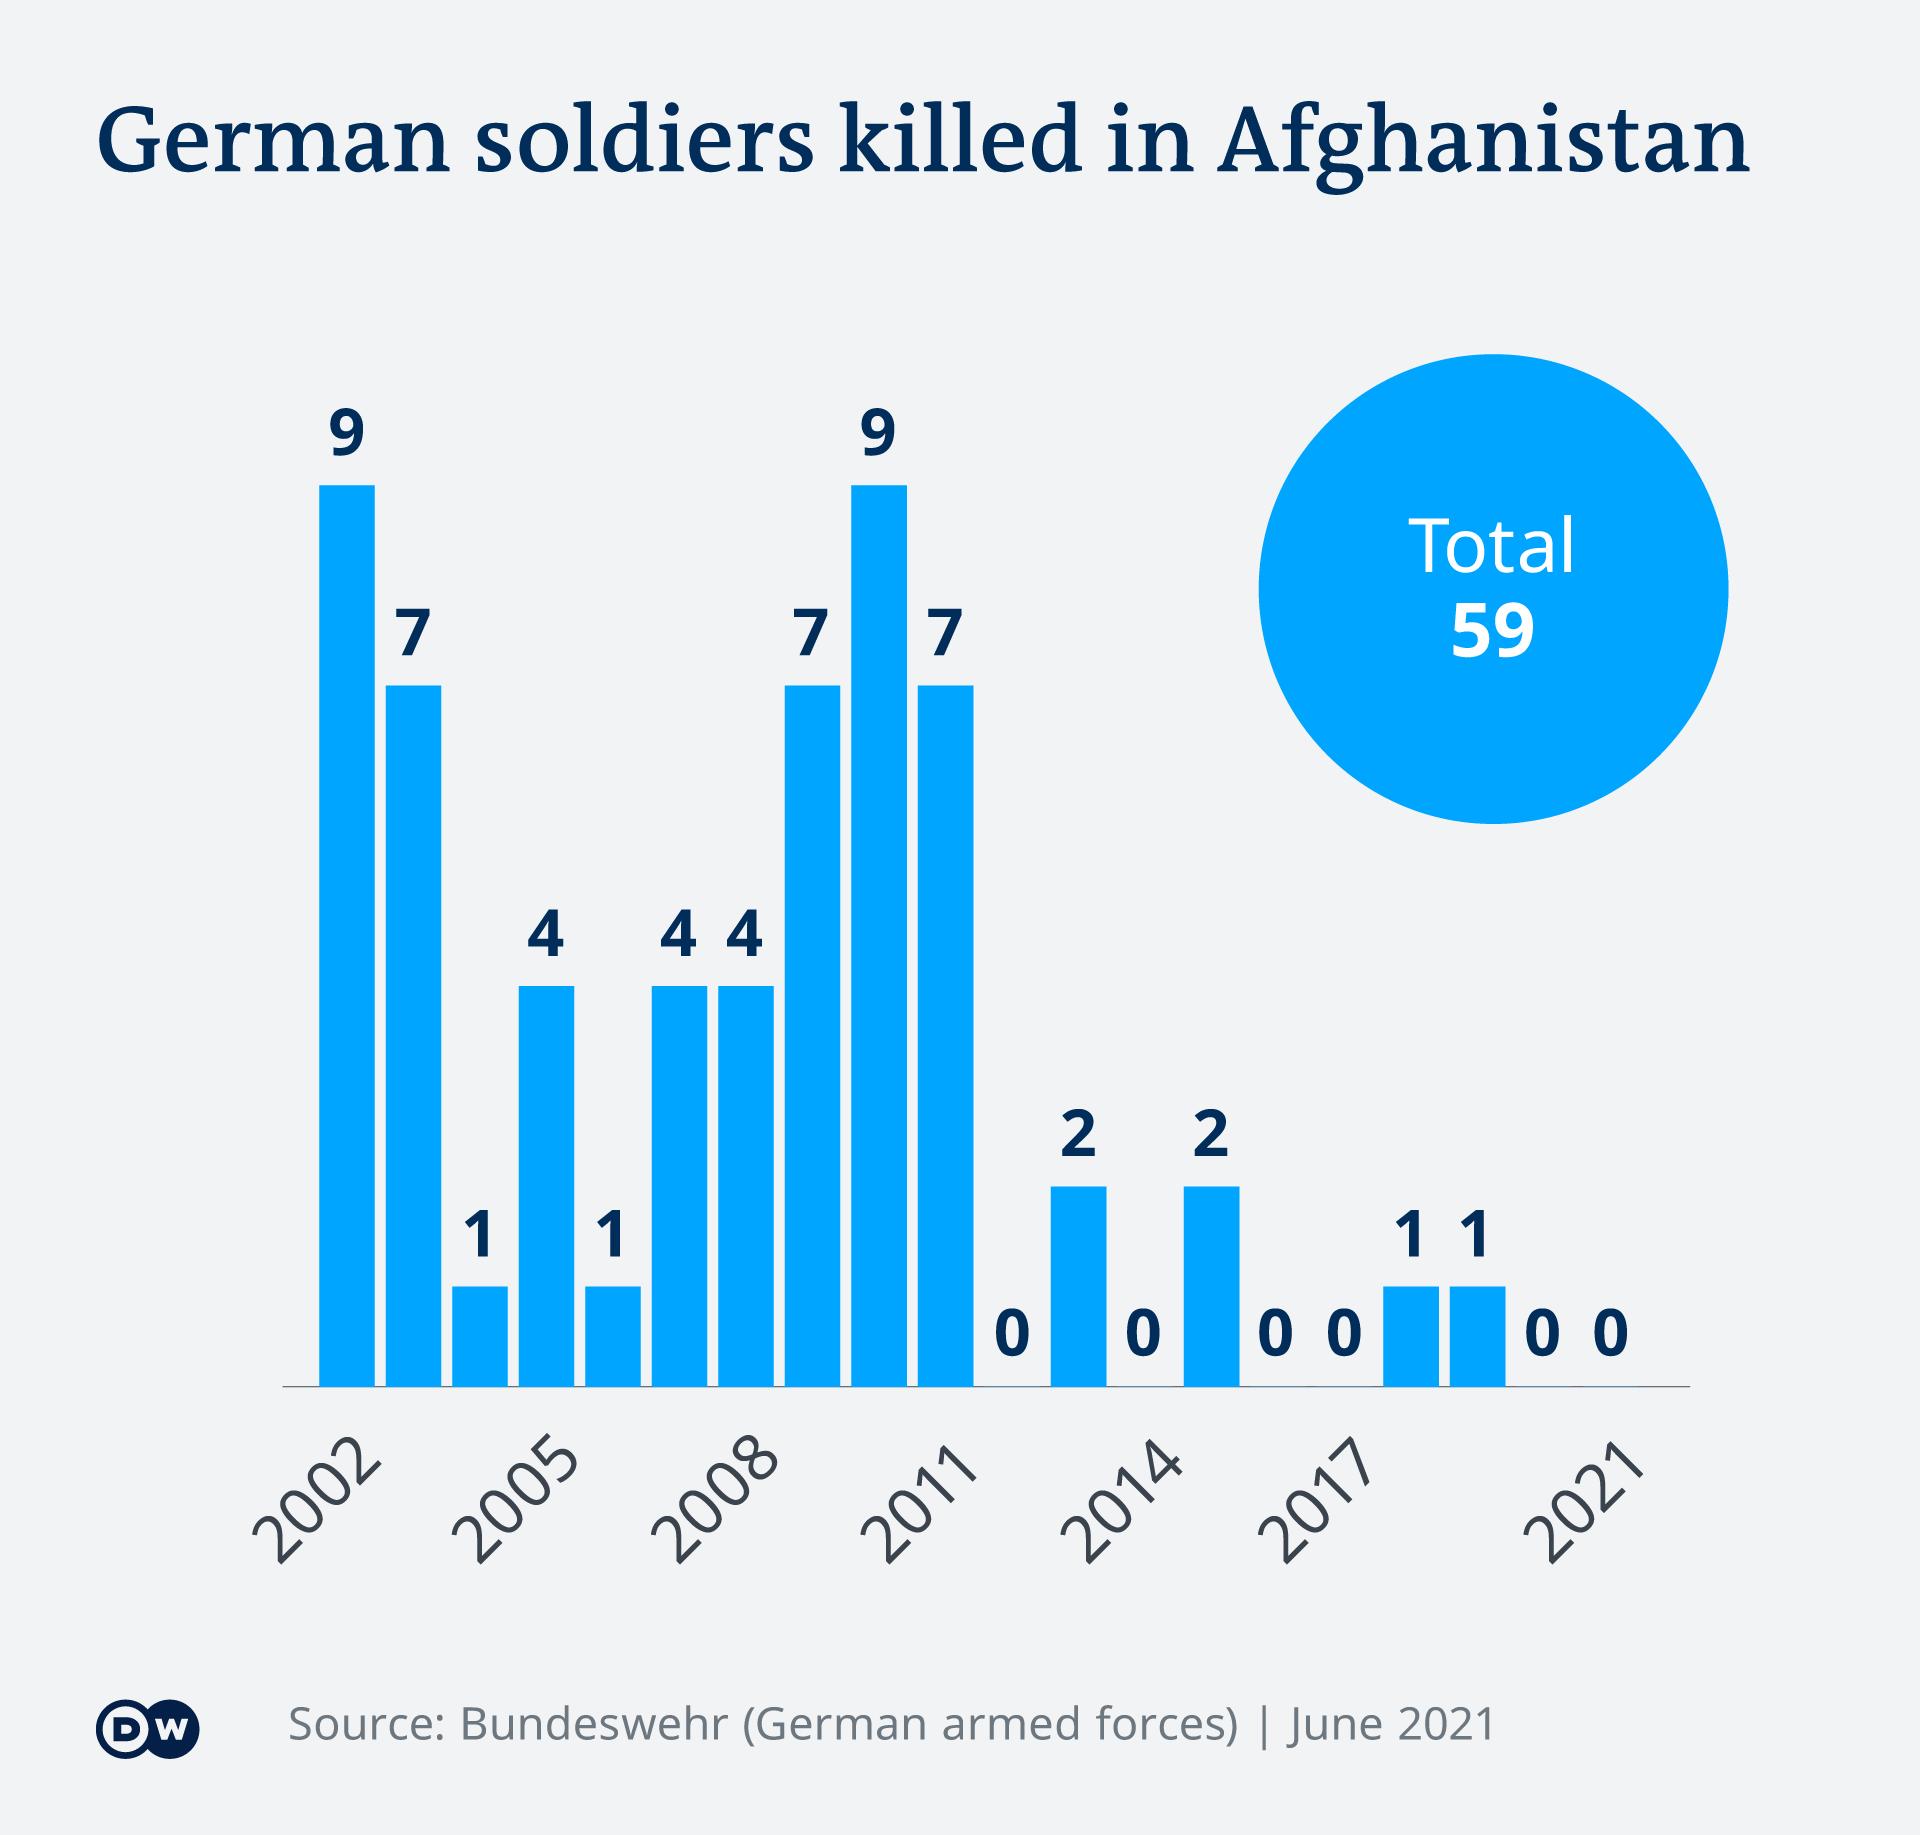 Infografika: Broj poginulih njemačkih vojnika u Afganistanu po godinama